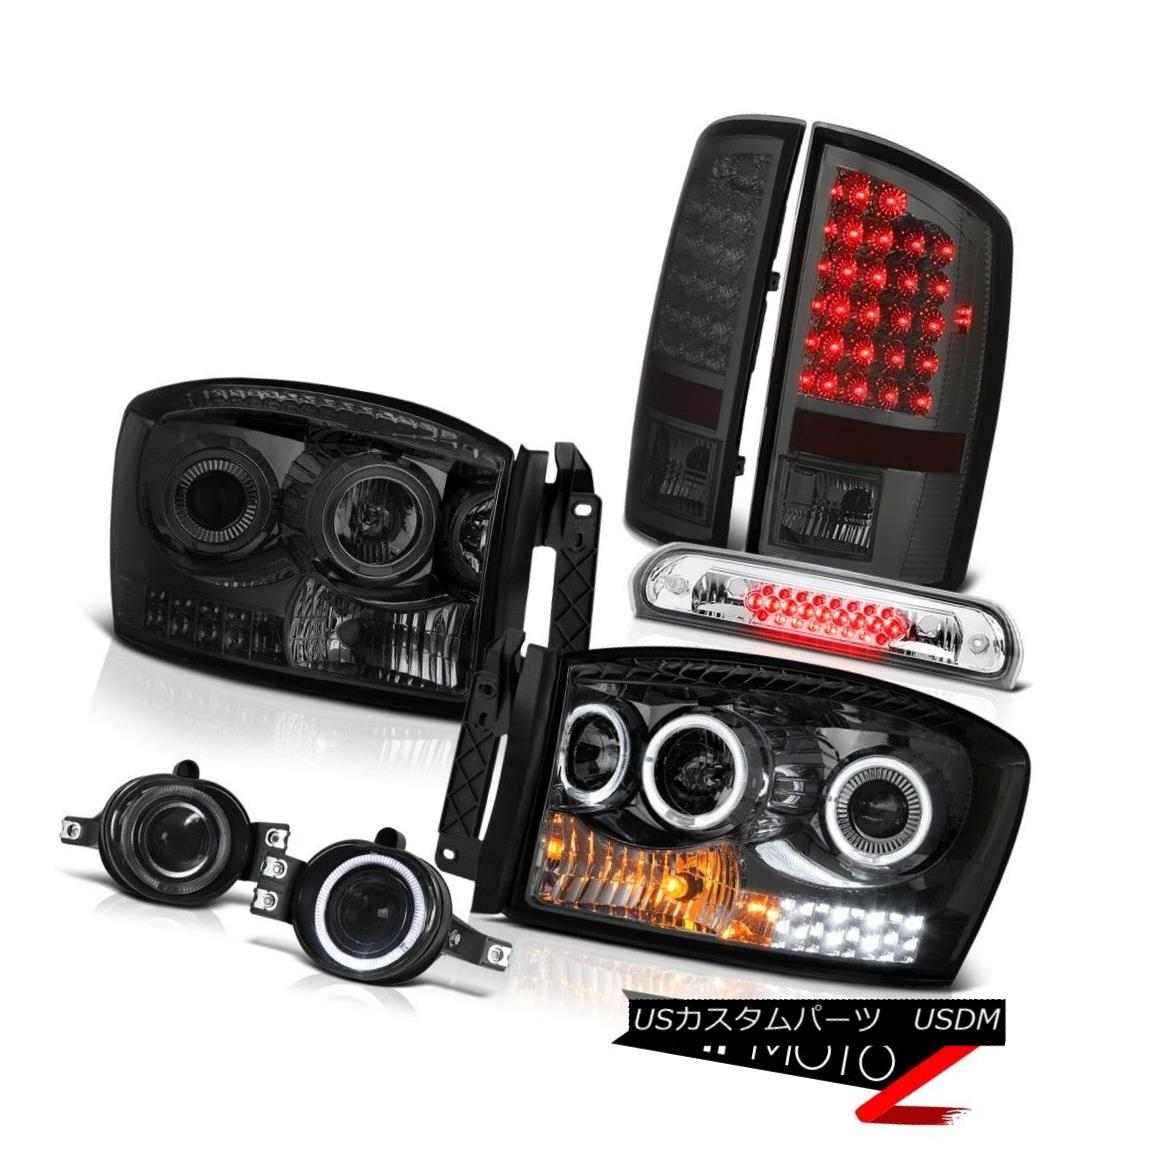 テールライト 07-08 Dodge Ram 1500 5.9L Headlights Fog Lights Roof Brake Lamp Tail Dual Halo 07-08ダッジラム1500 5.9Lヘッドライトフォグライトルーフブレーキランプテールデュアルヘイロー